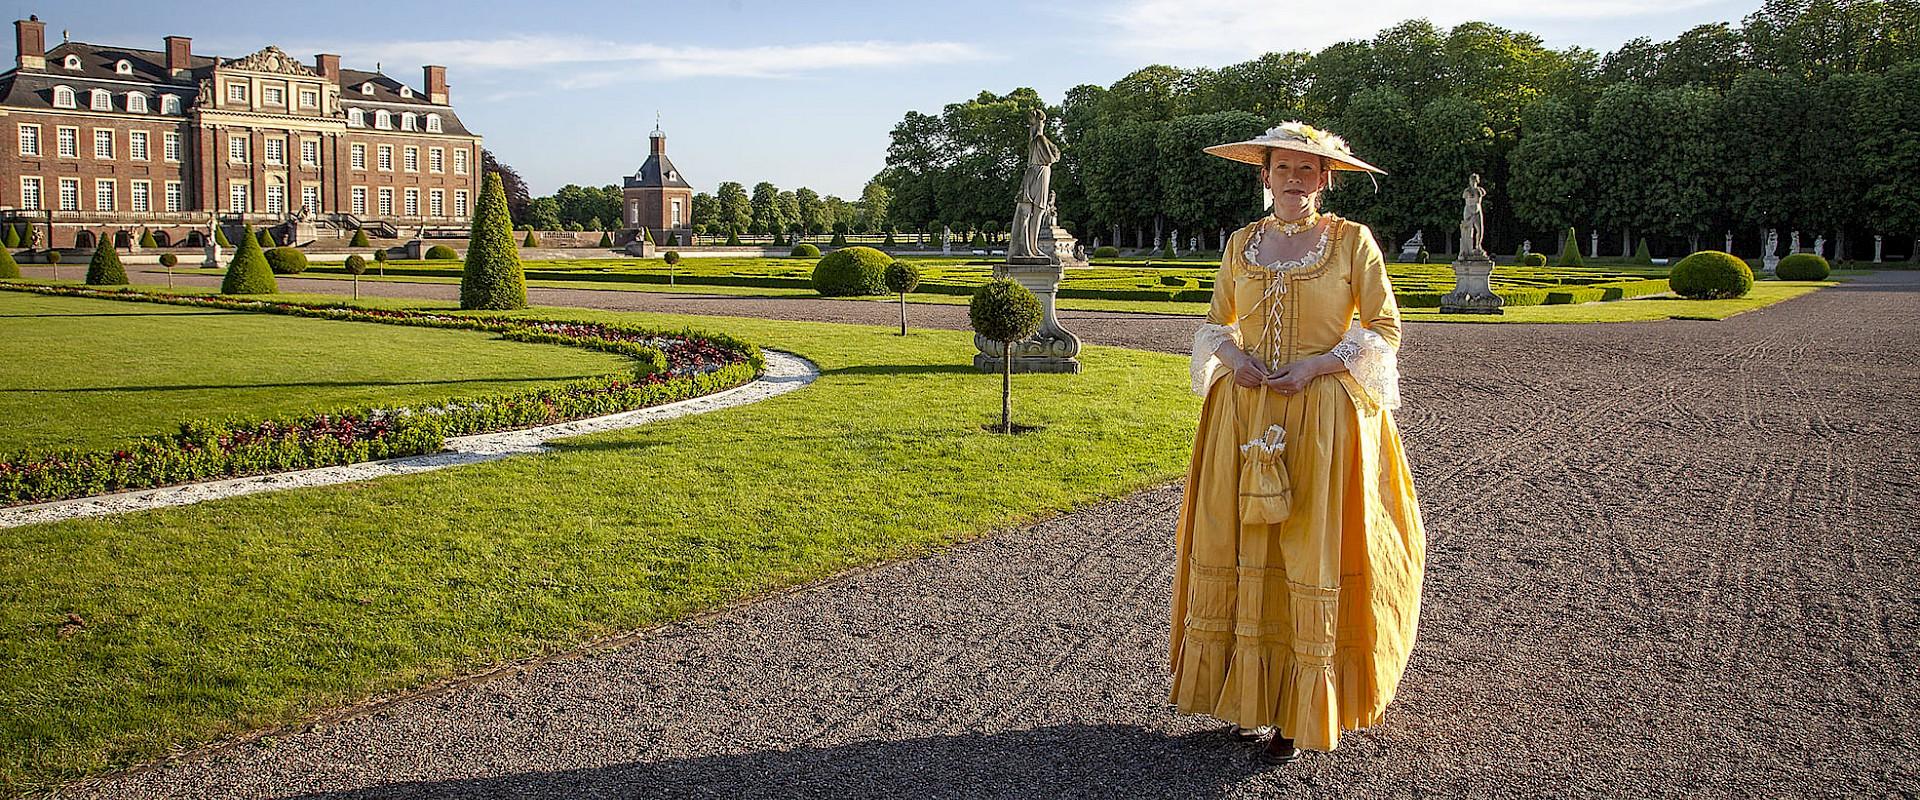 Führungen durch den Schlosspark